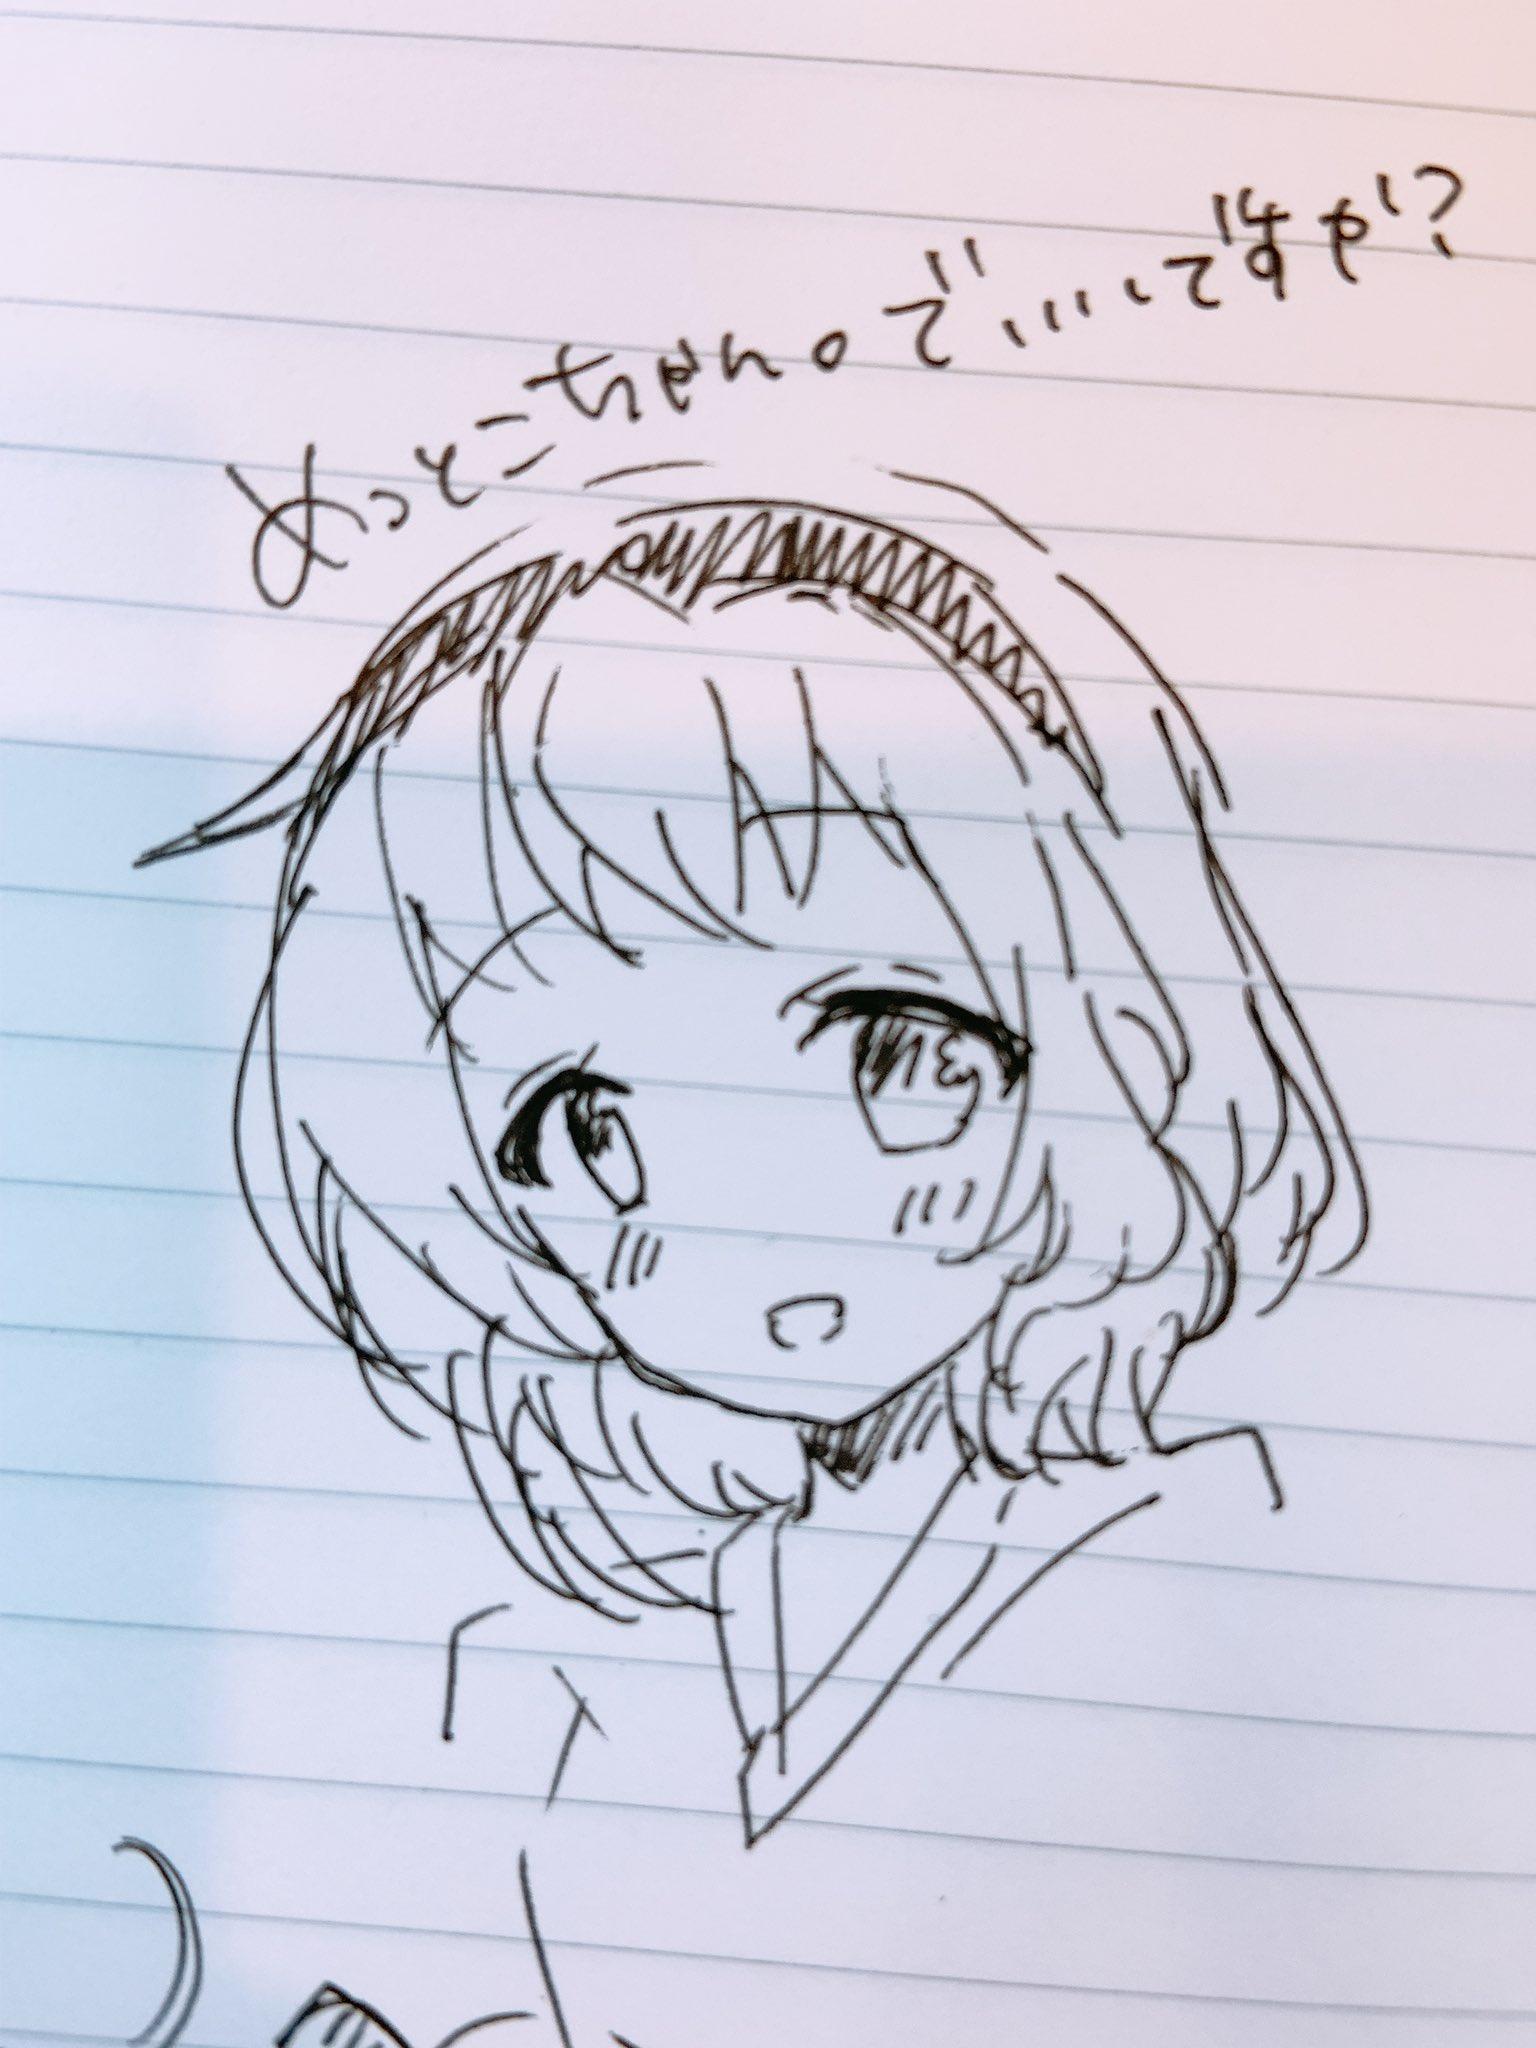 mettoko_Fan_art_660